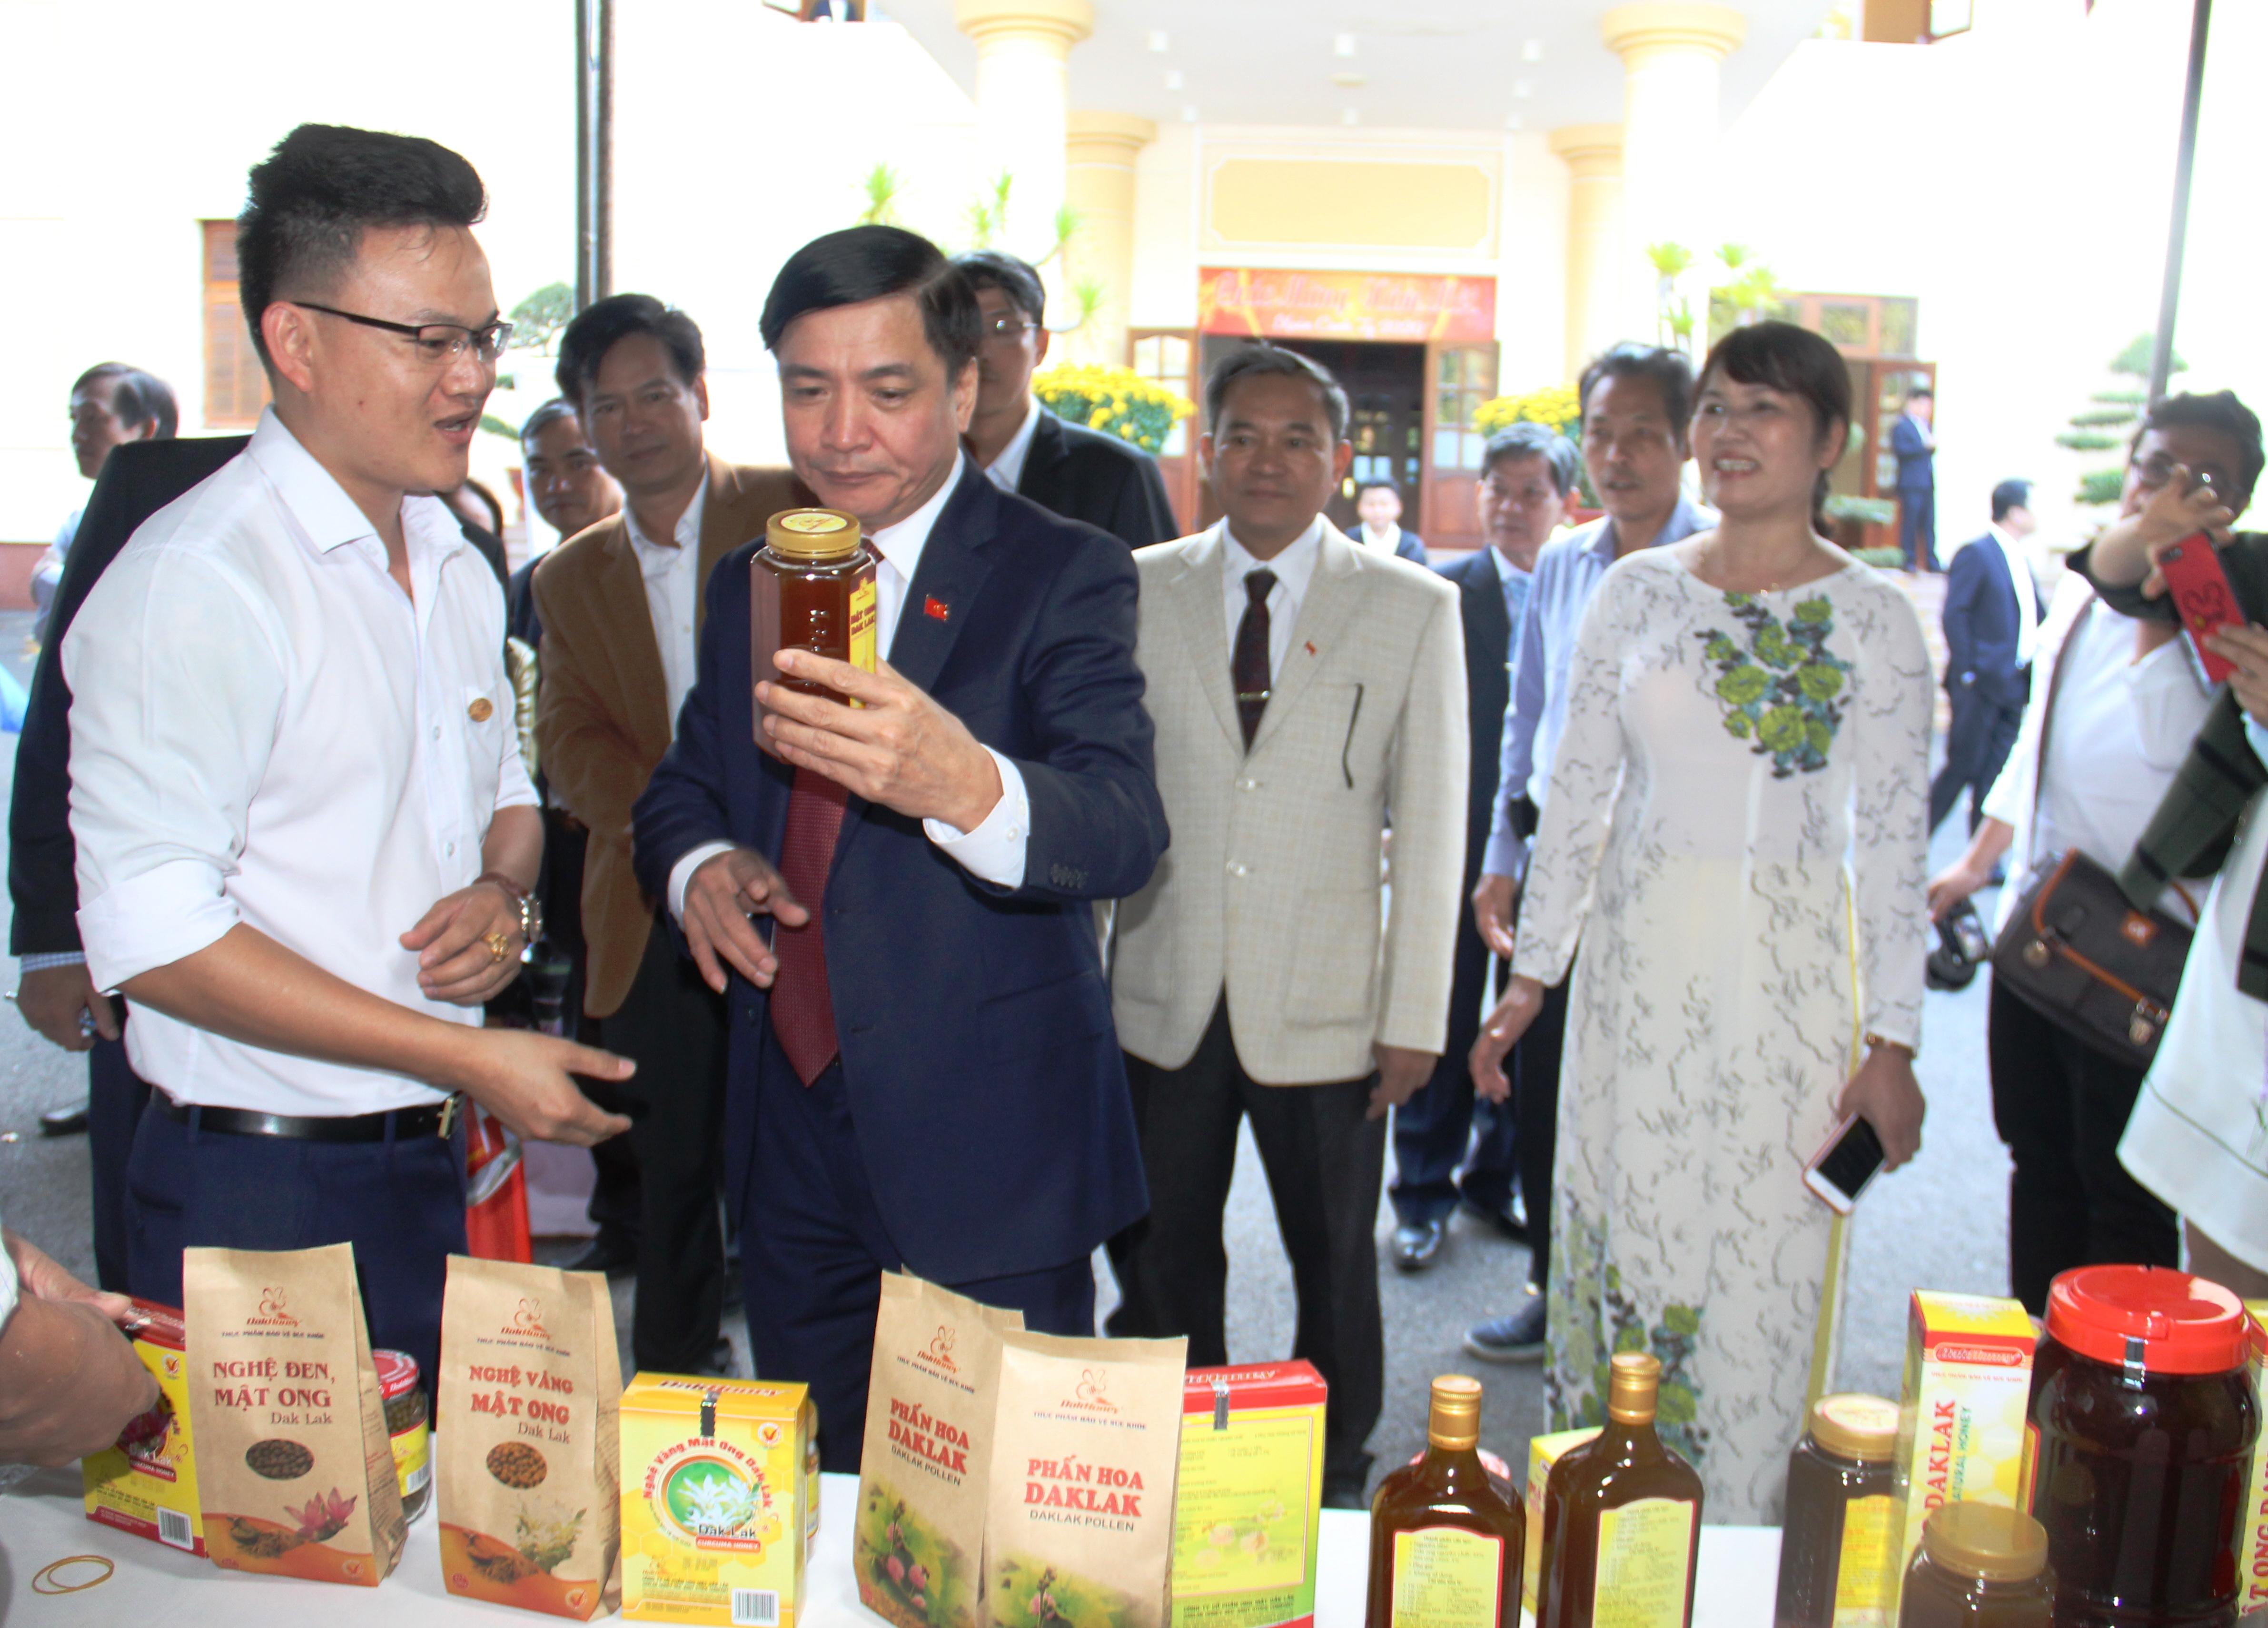 """Kế hoạch tổ chức Cuộc vận động """"Hiến kế xây dựng và phát triển tỉnh Đắk Lắk giàu đẹp, văn minh"""""""